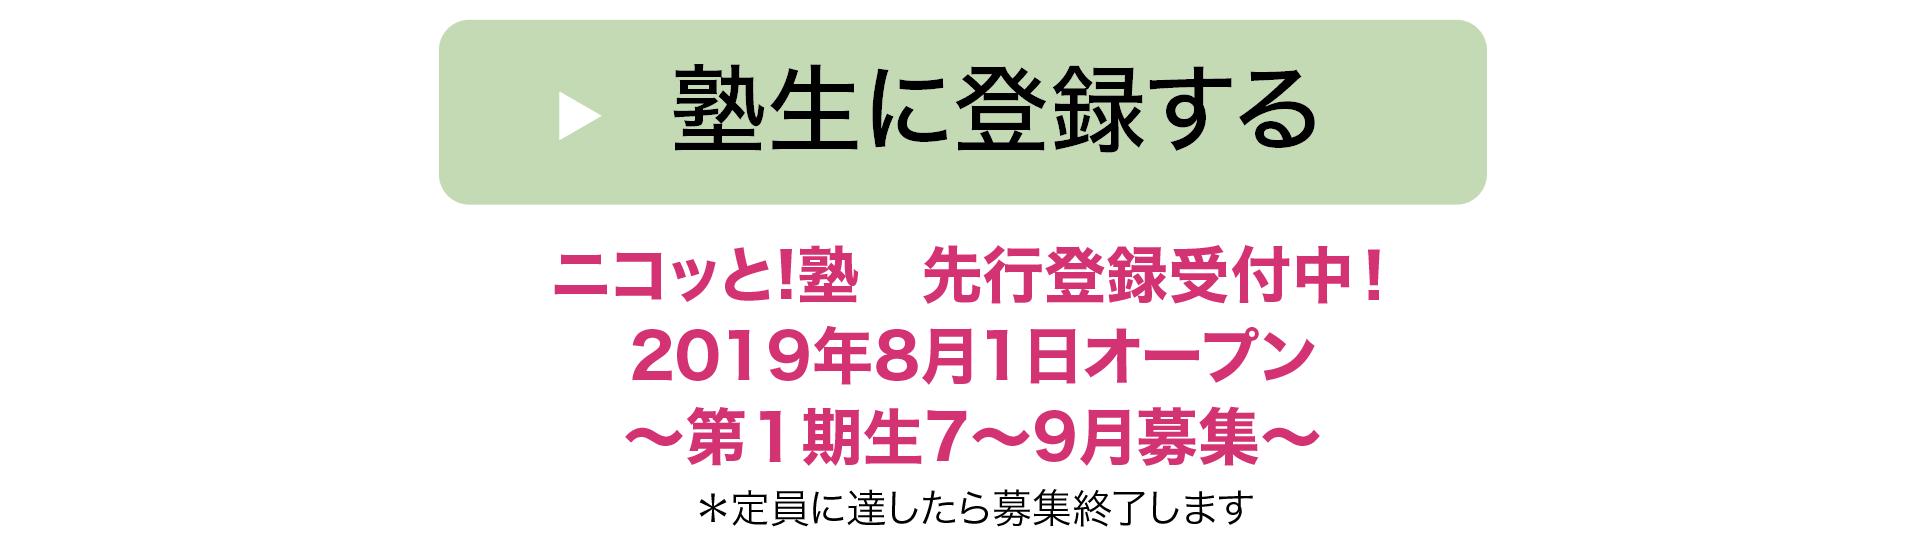 スクリーンショット 2019-07-16 20.46.46.png